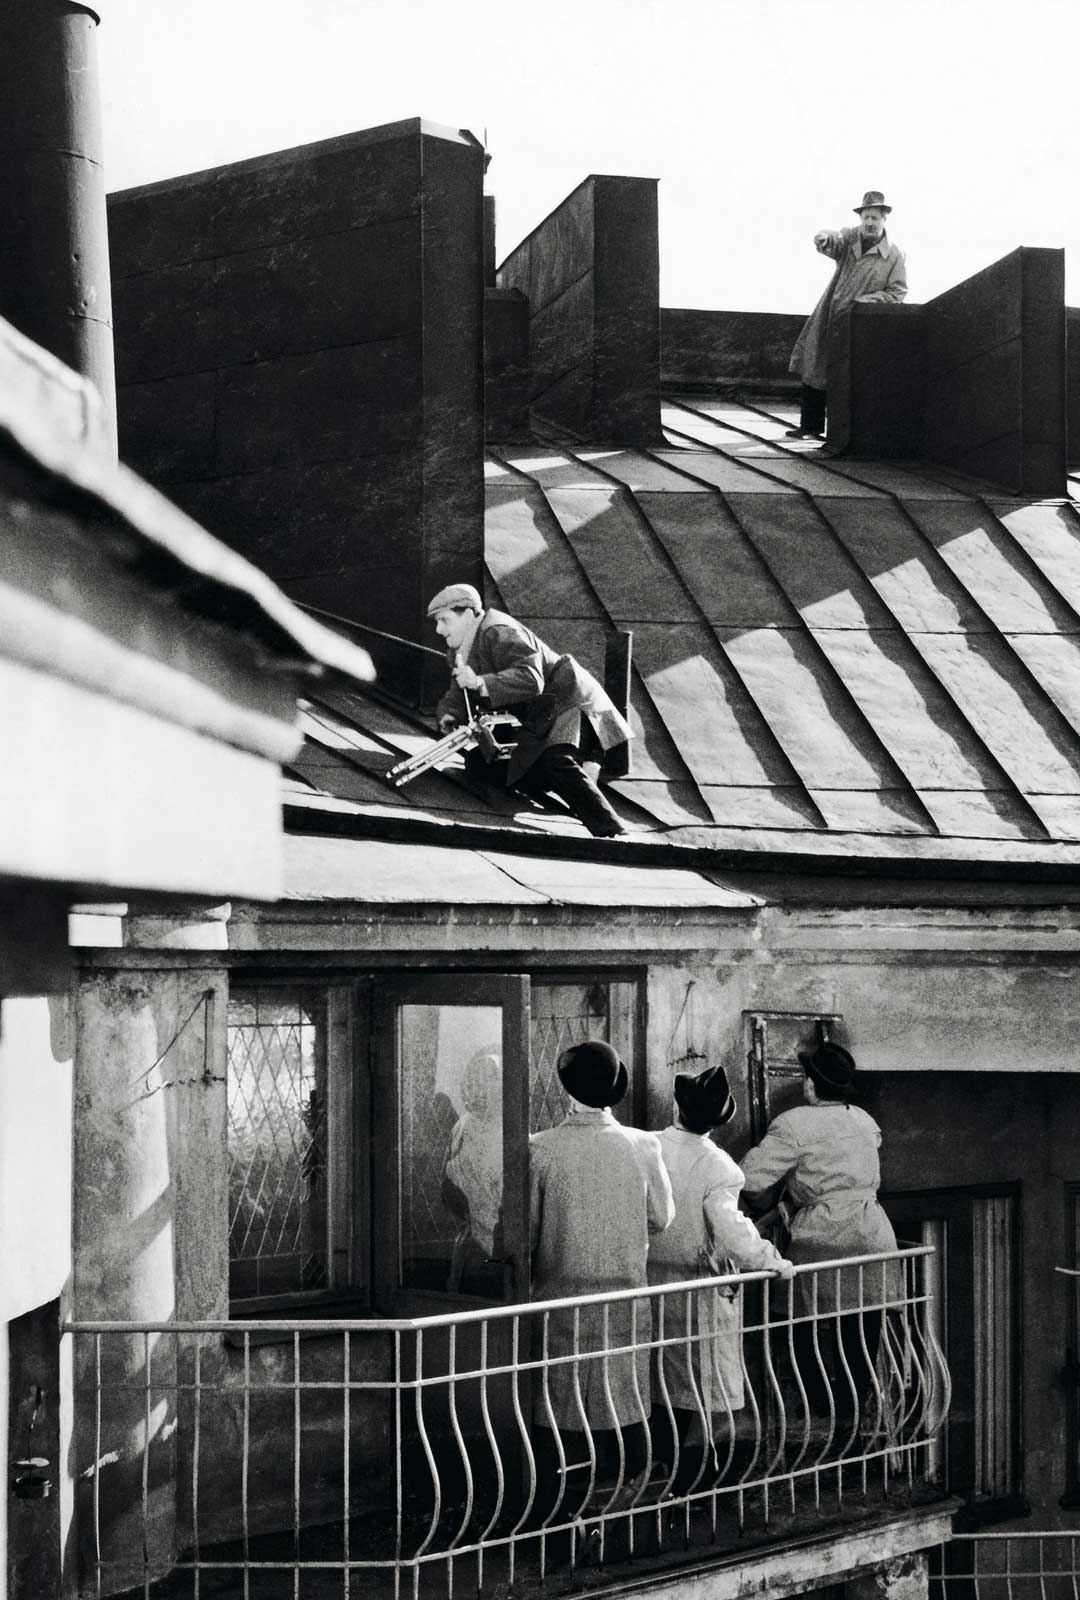 Komisario Palmu -elokuvat sijoittuvat Helsingin kantakaupunkiin, ja vanhojen korttelien ja kerrostalojen lumo onkin osa sarjan viehätystä. Helsingin Töölössä asuneelle Mika Waltarille kaupunkimiljöö oli rakas.